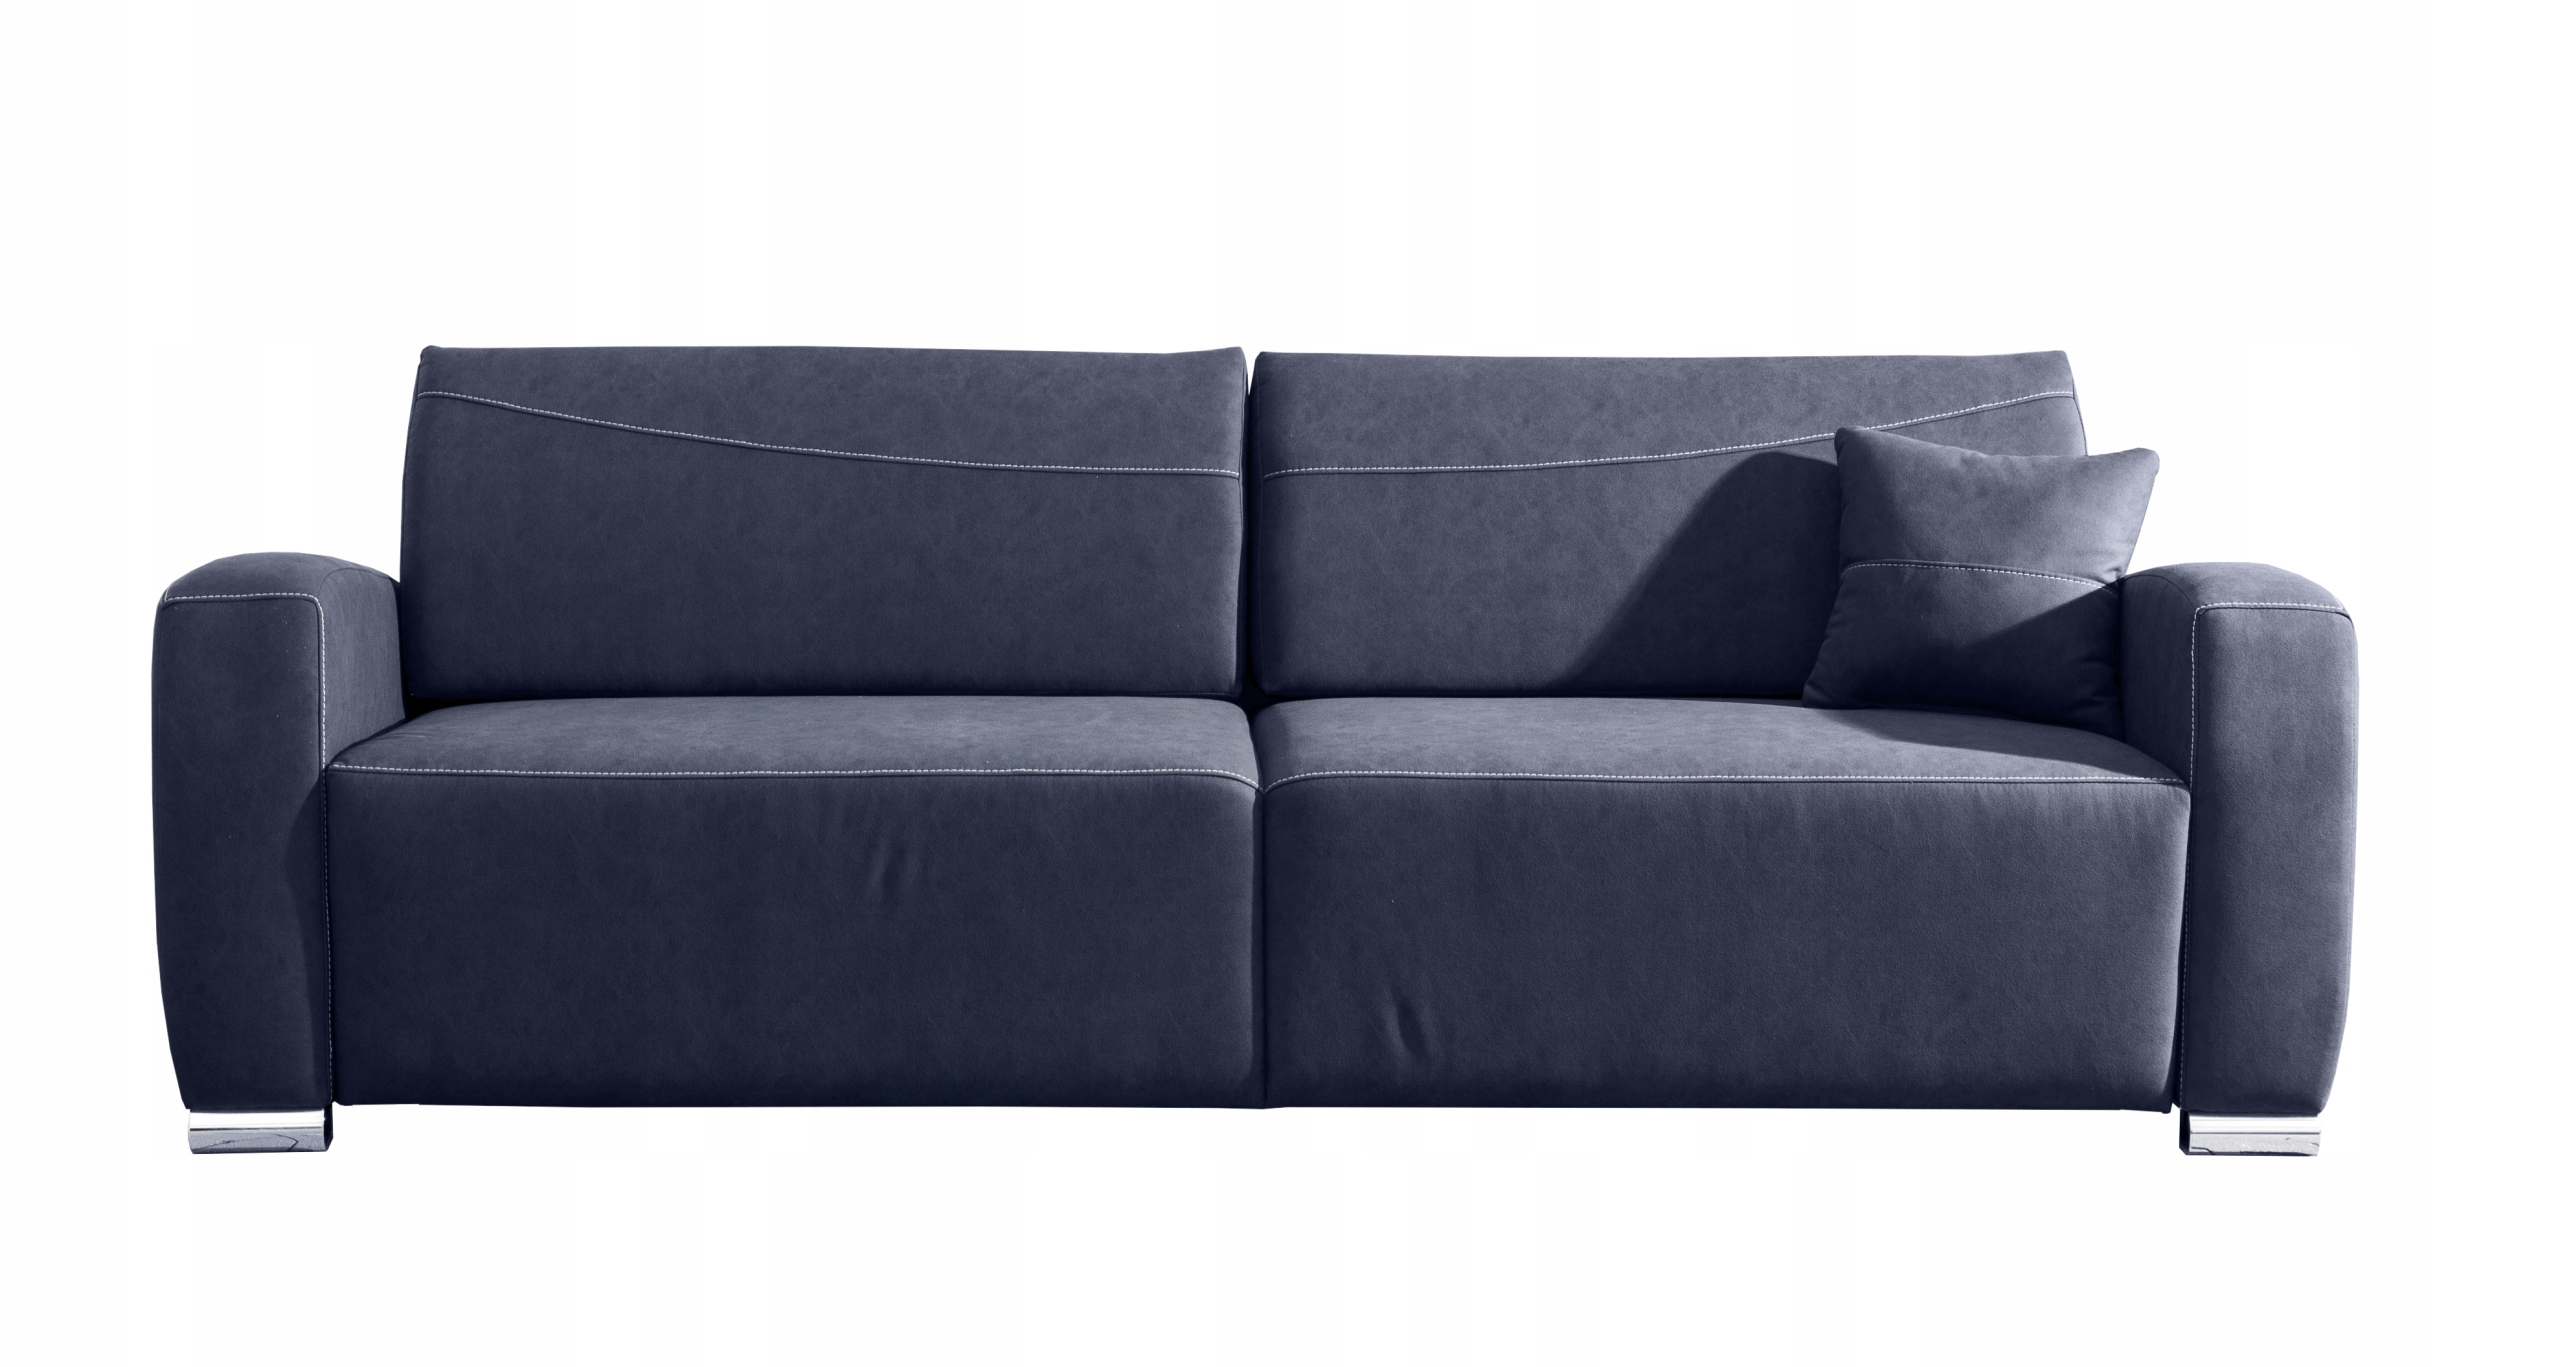 RENO LUX stilvolles Sofa für das Wohnzimmer / f. Schlafen / Farben Die Breite der Möbel 233 cm